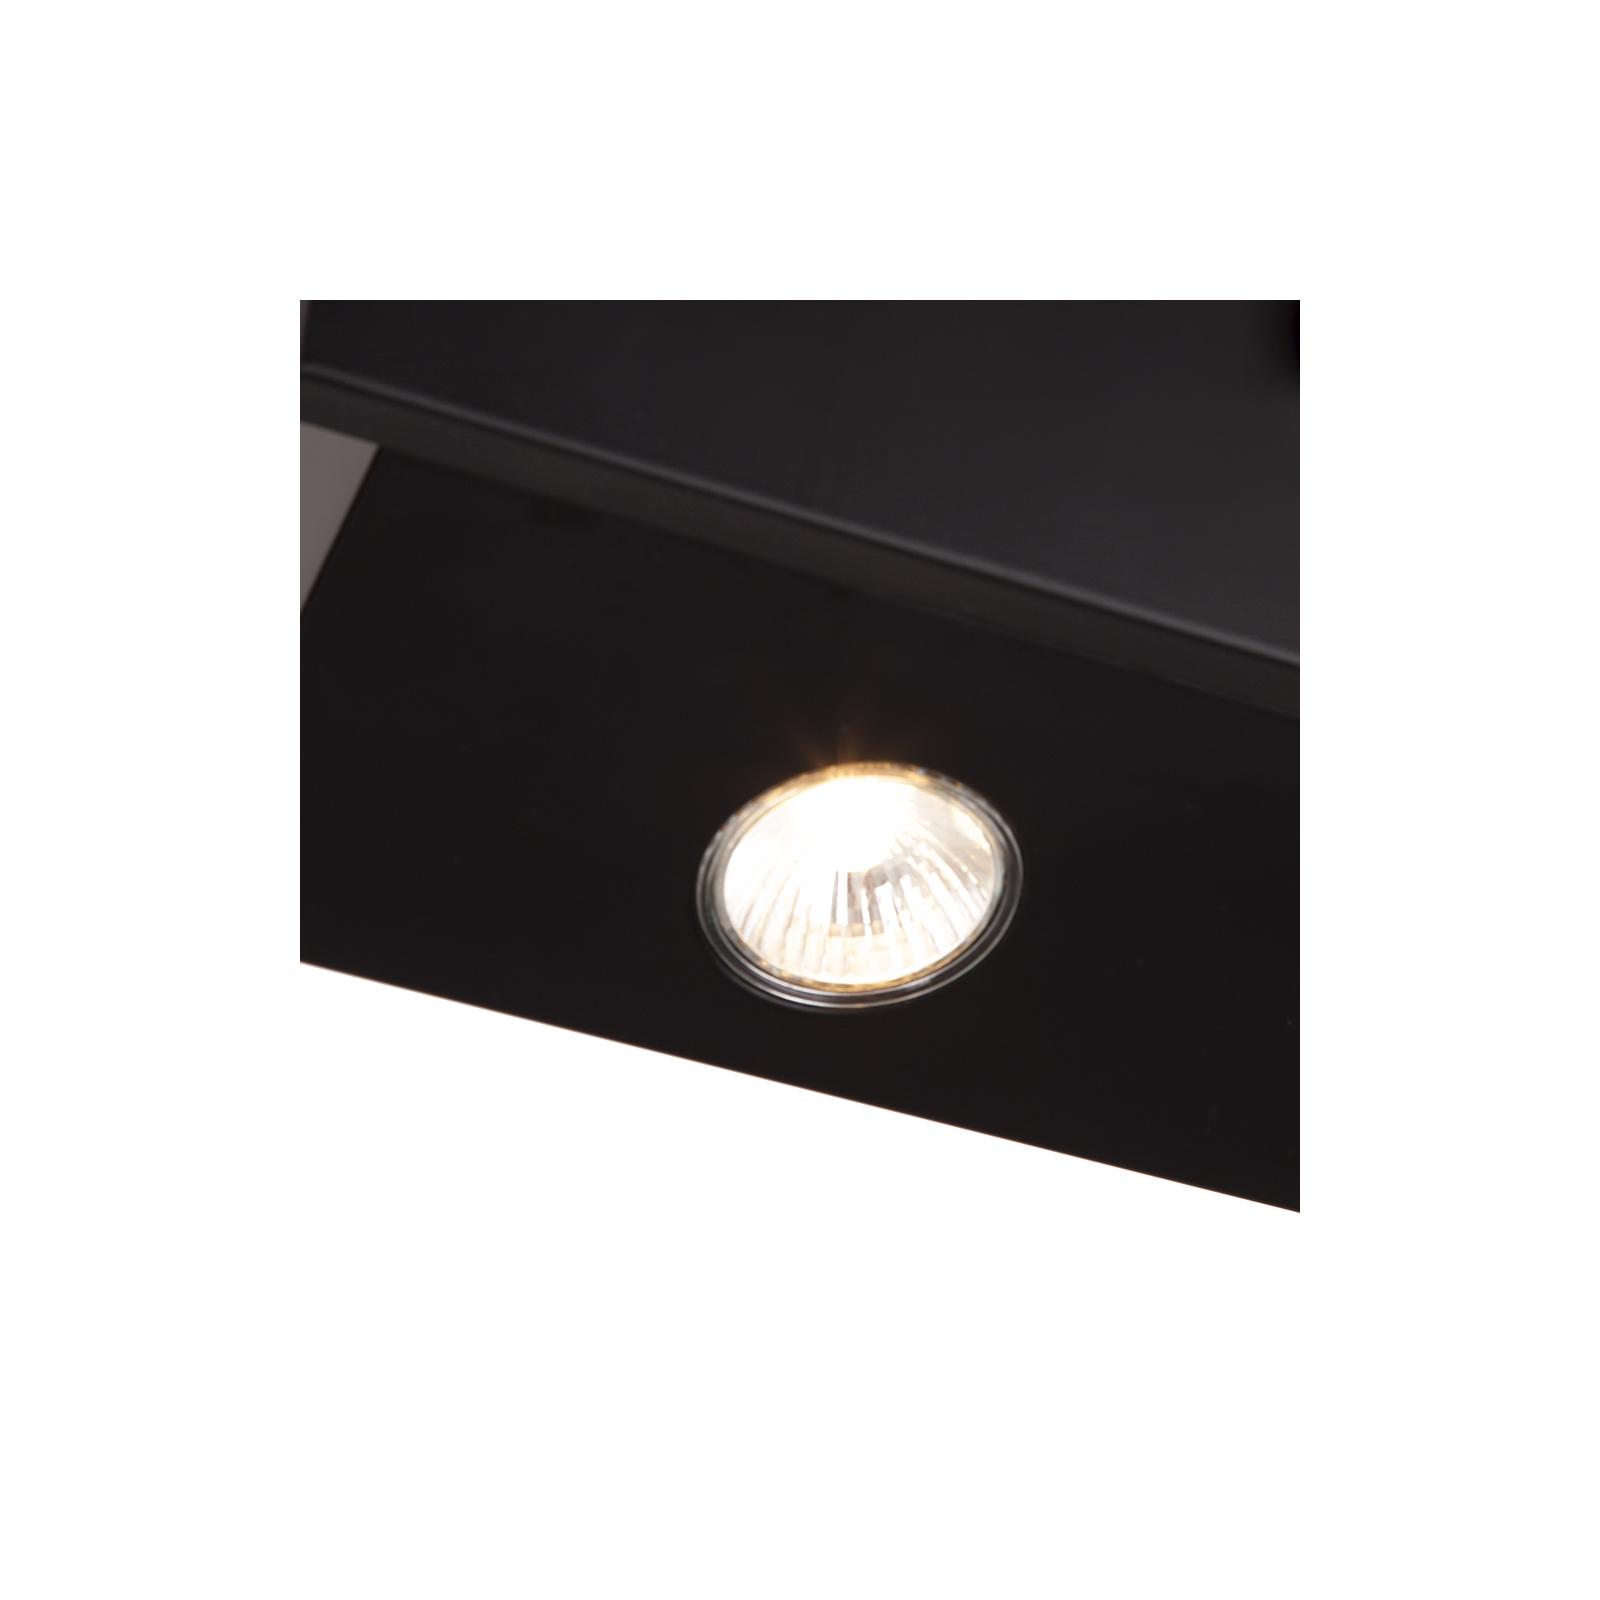 Вытяжка кухонная PYRAMIDA NR-MV 60 M WH изображение 7